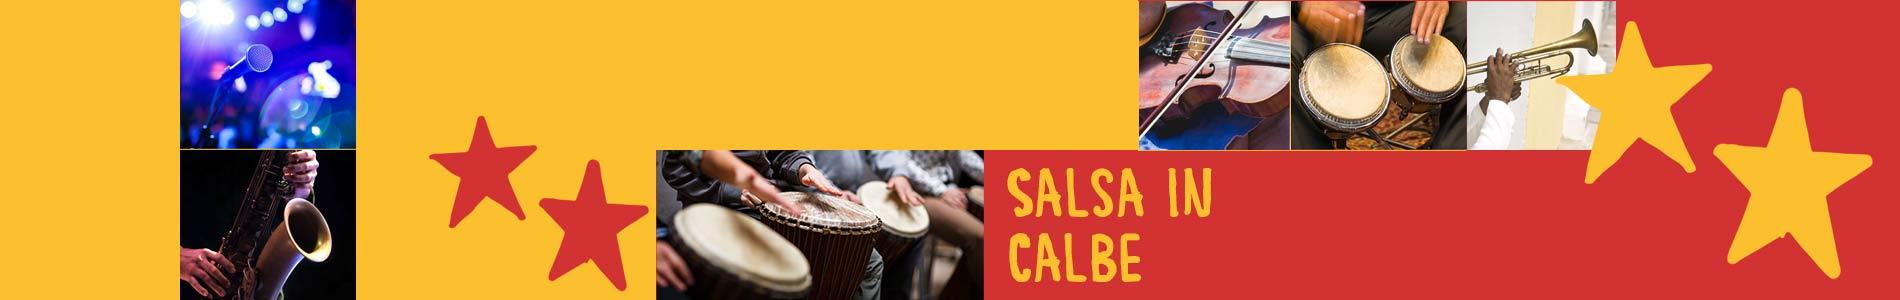 Salsa in Calbe – Salsa lernen und tanzen, Tanzkurse, Partys, Veranstaltungen